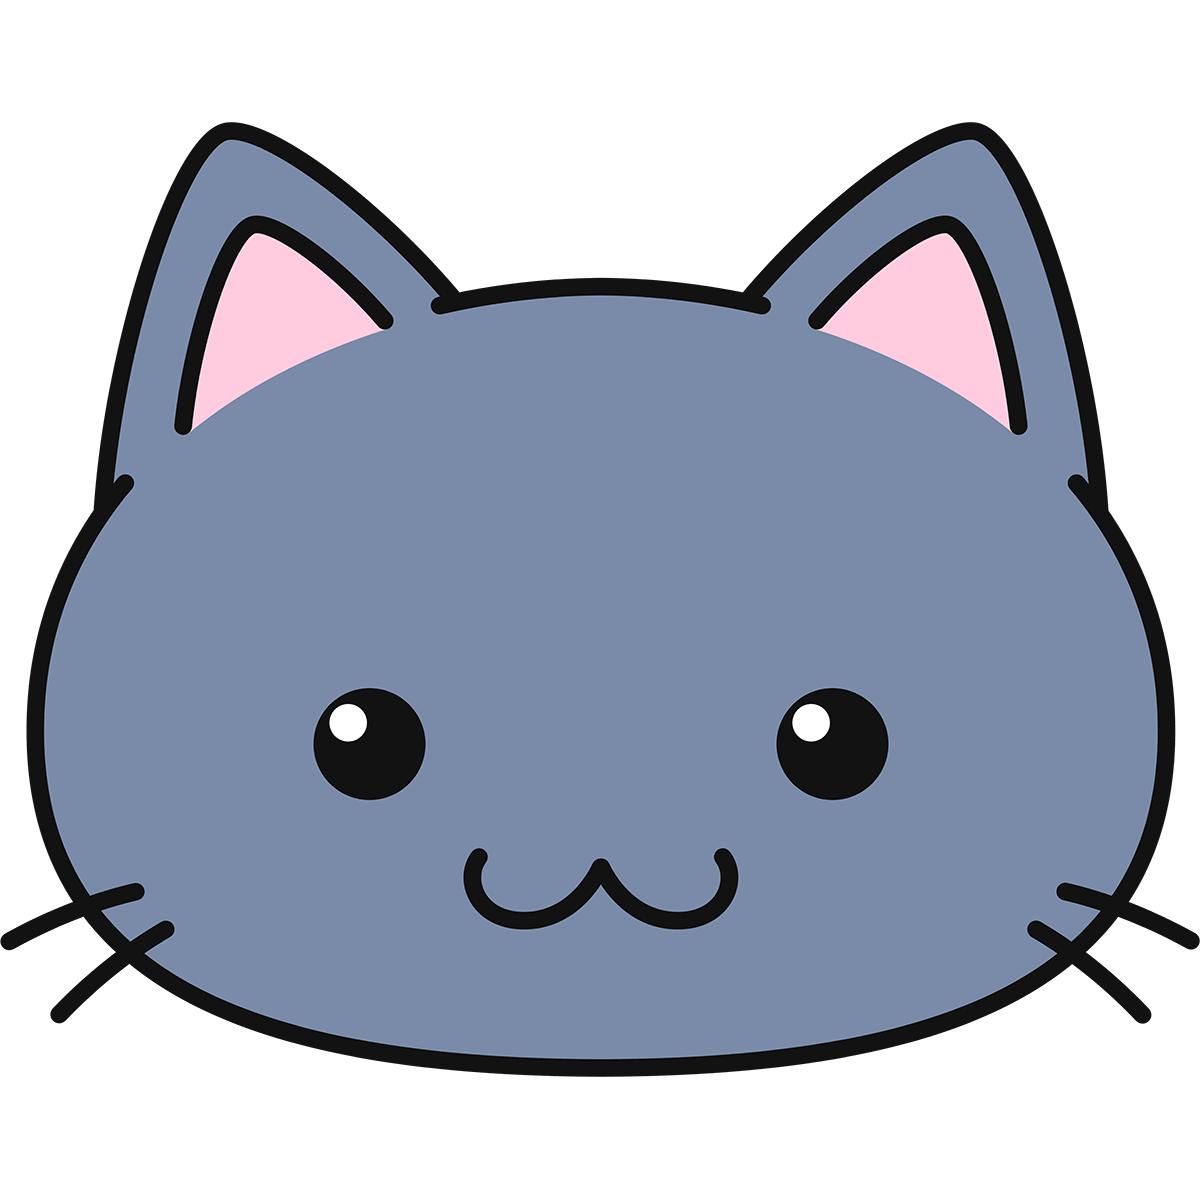 グレー猫の顔(丸目)の無料イラスト